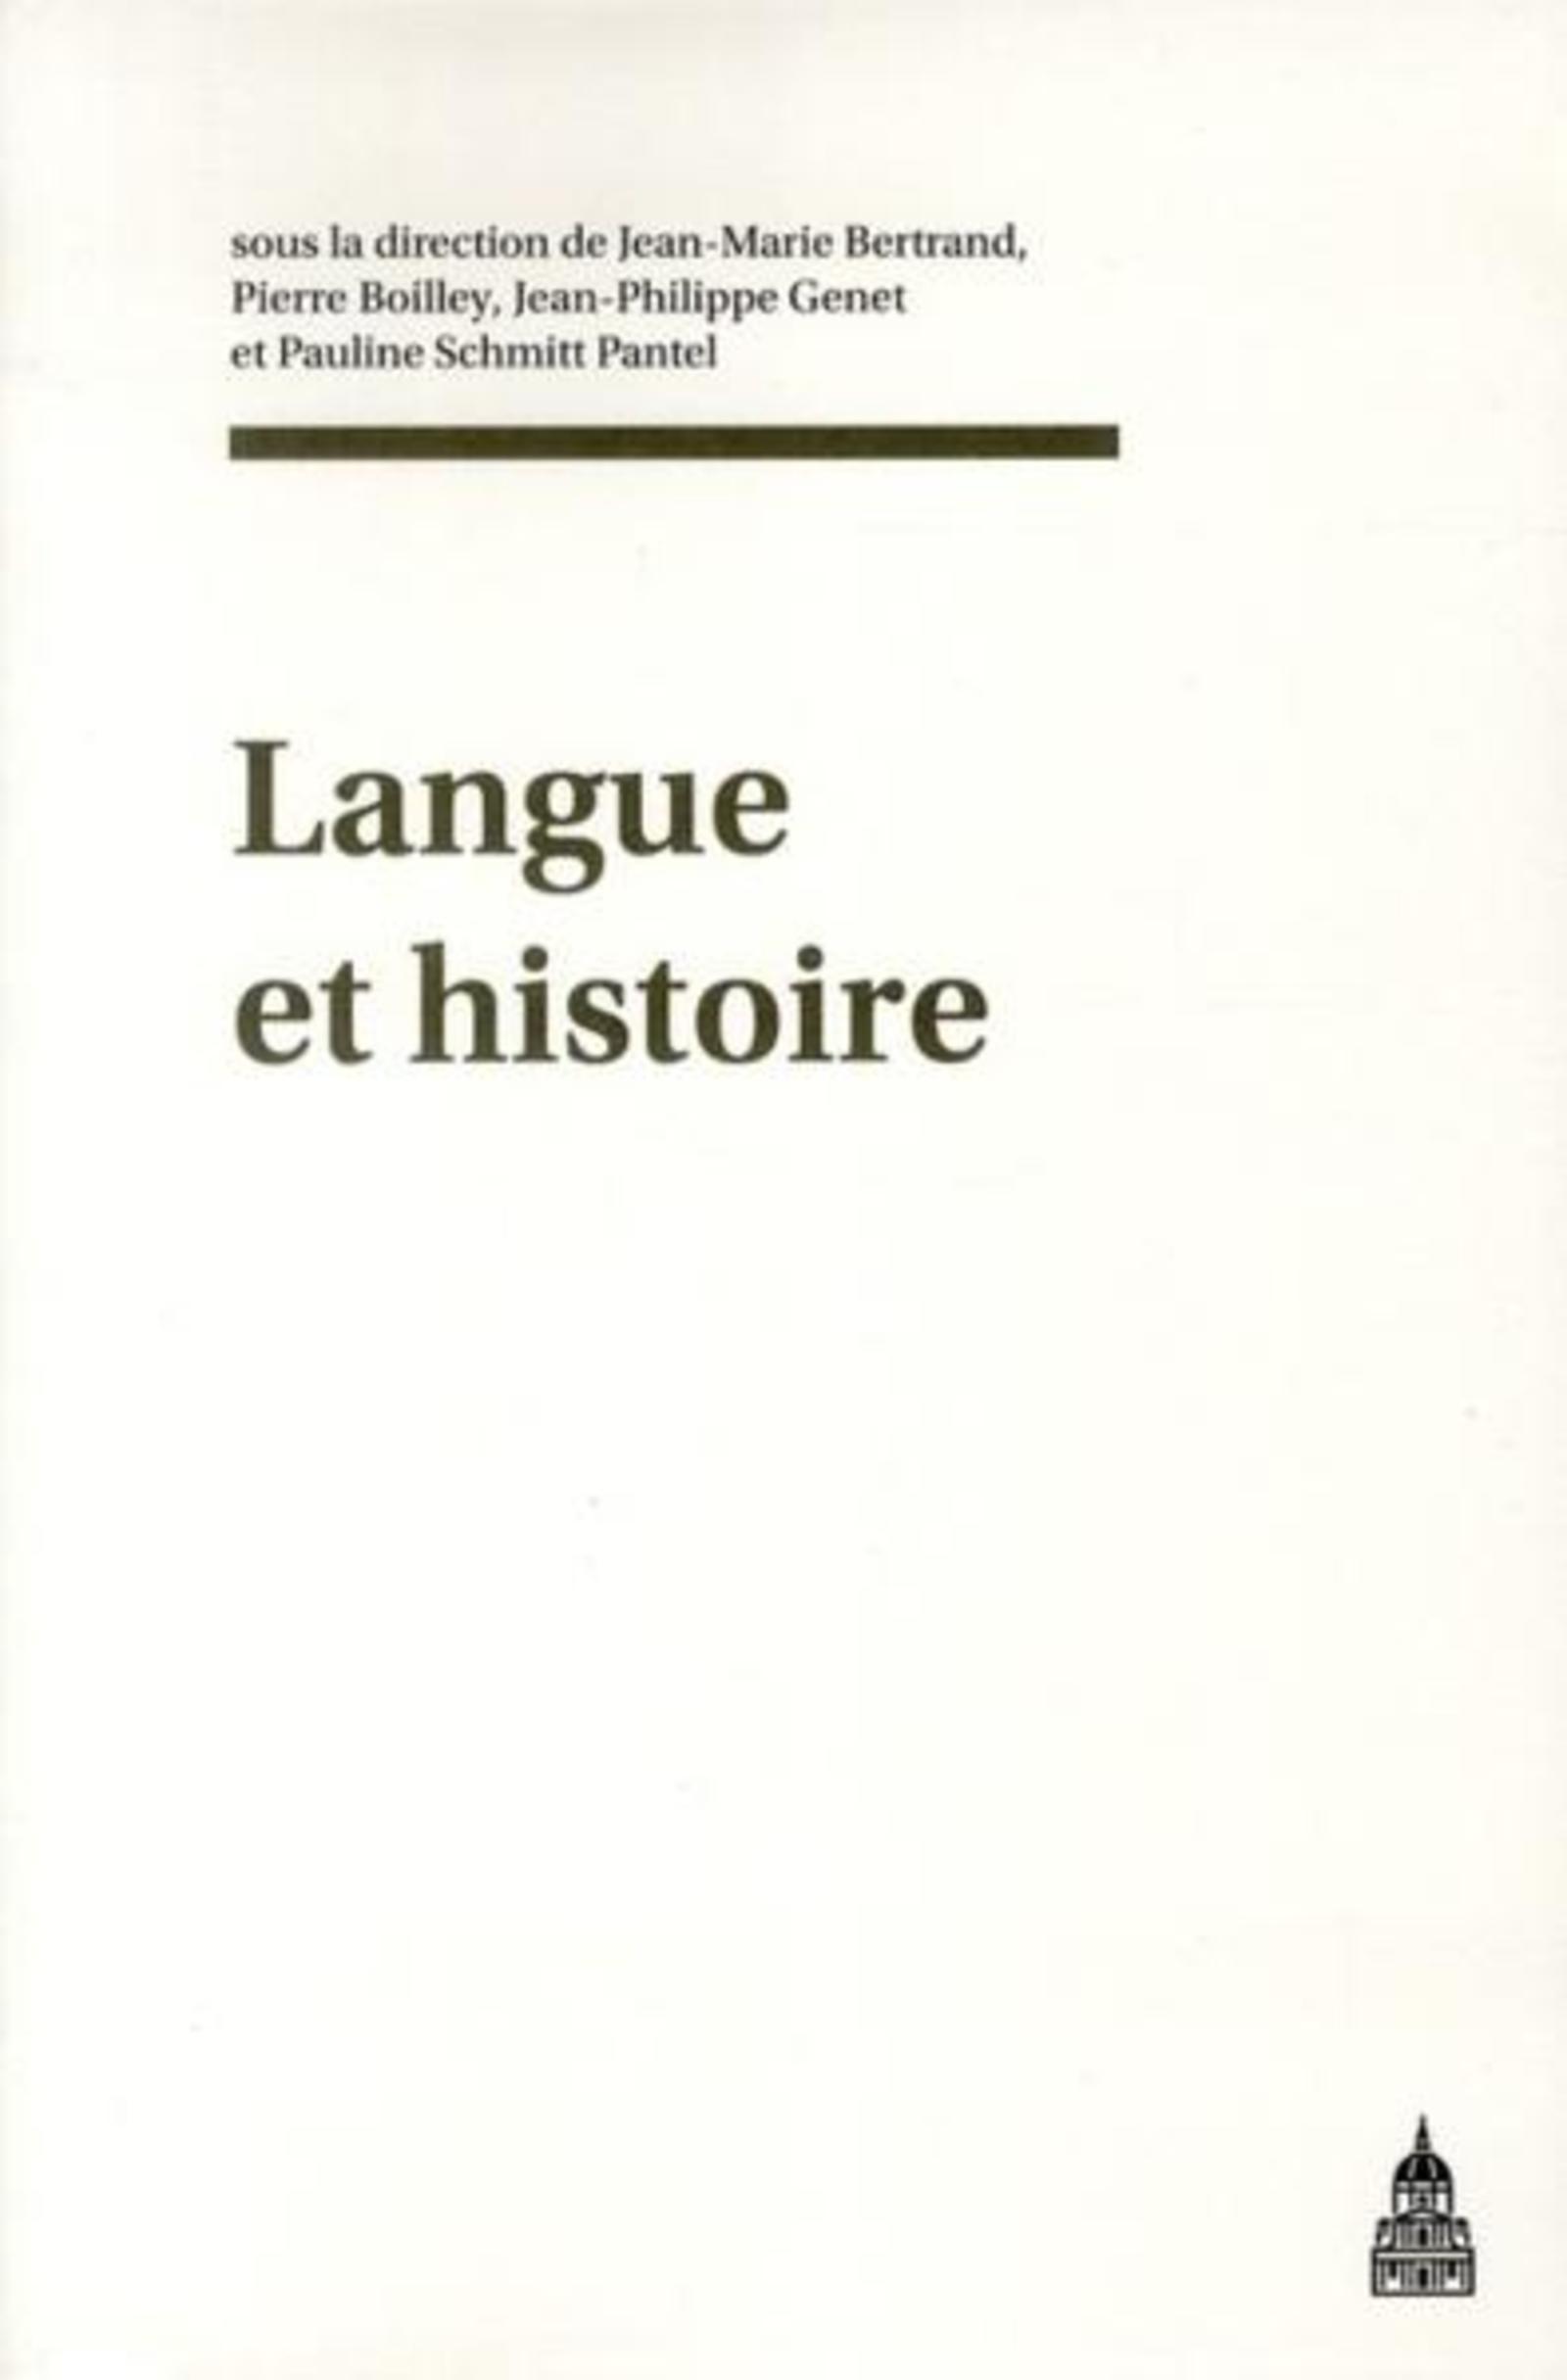 LANGUE ET HISTOIRE ACTES DU COLLOQUE DE L'ECOLE DOCTORALE D'HISTOIRE DE PARIS 1, INHA, 20 ET